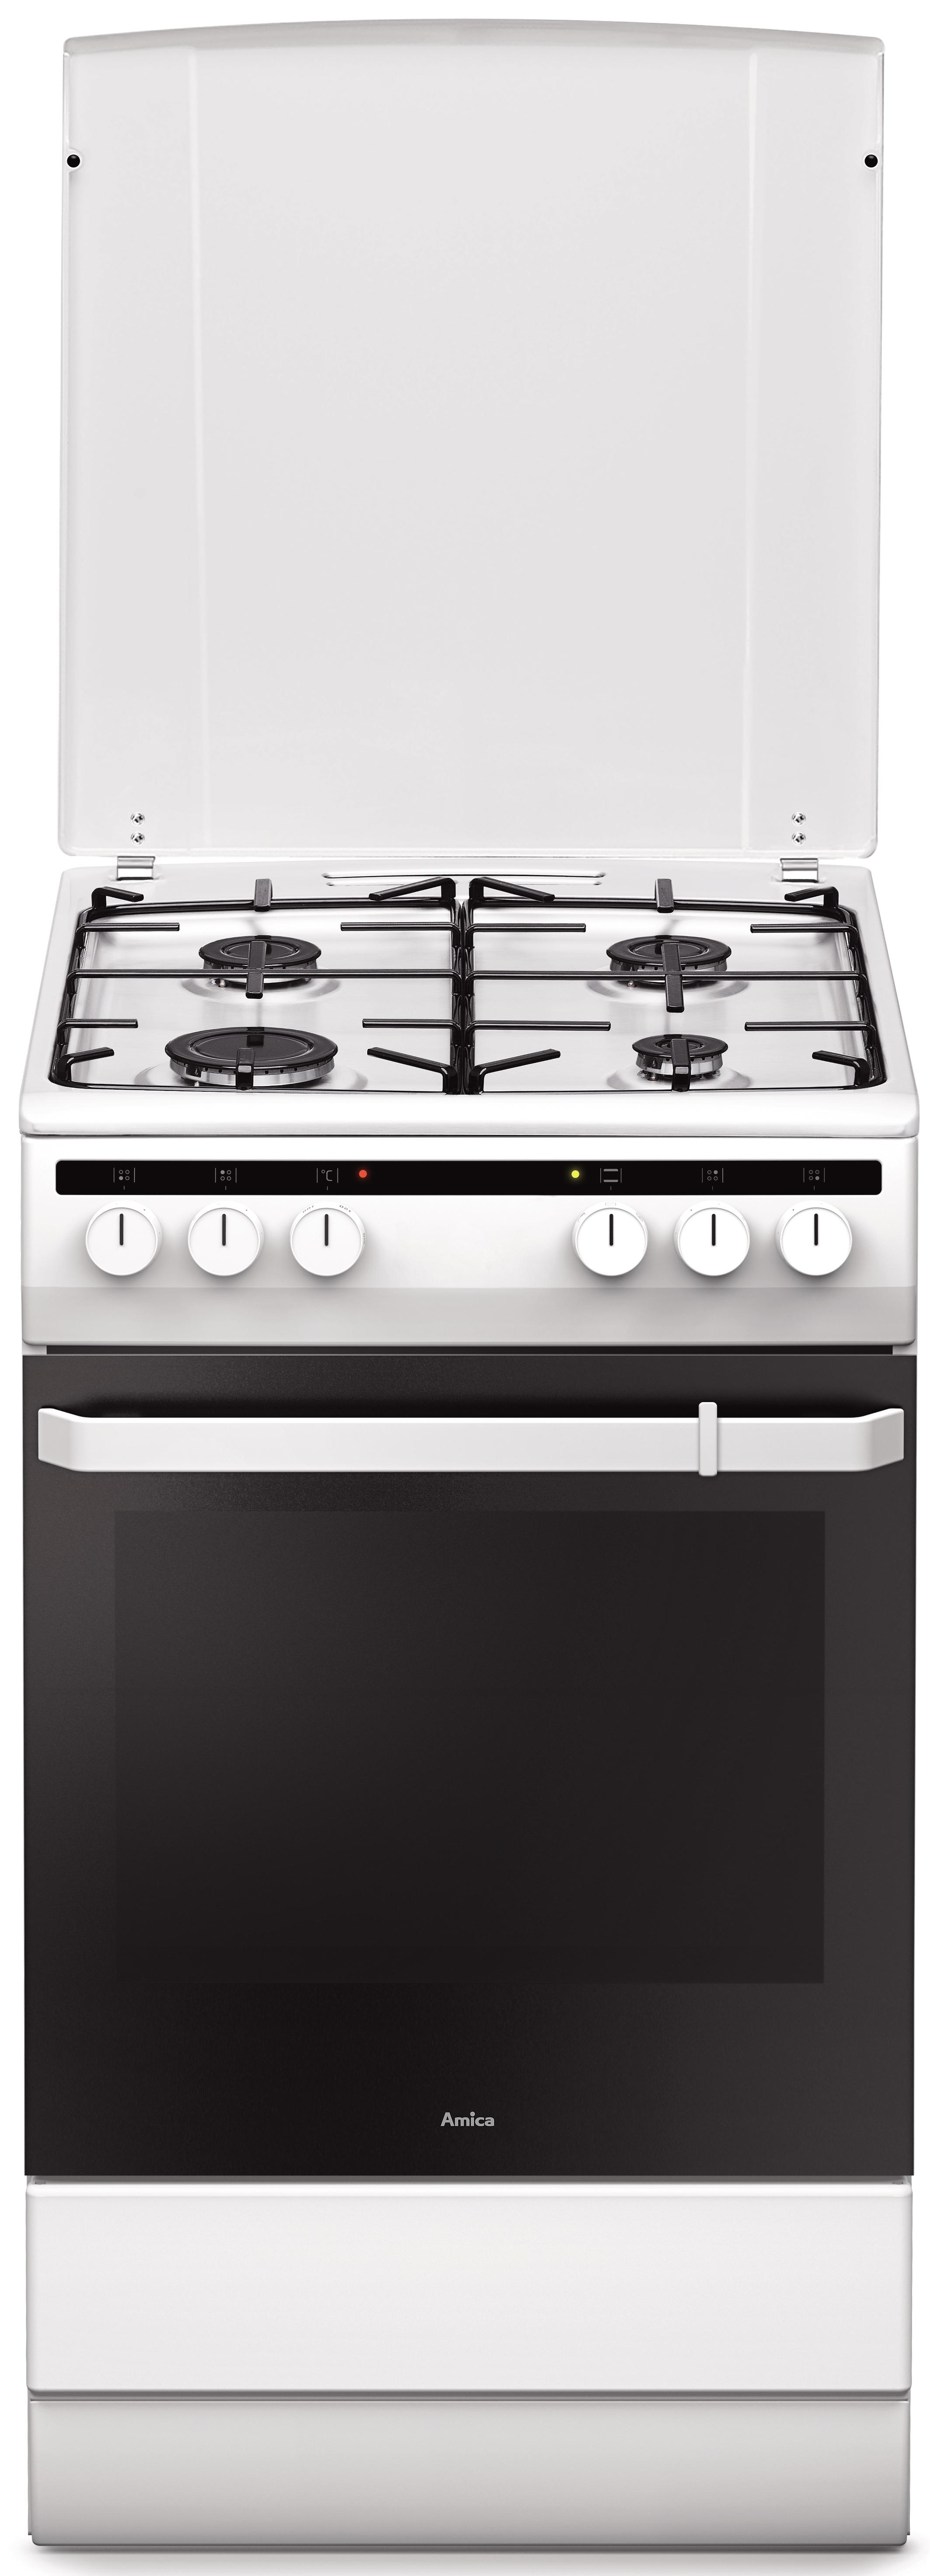 Amica 54000/55343 Fehér kombinált tűzhely, 50 cm, légkeverés